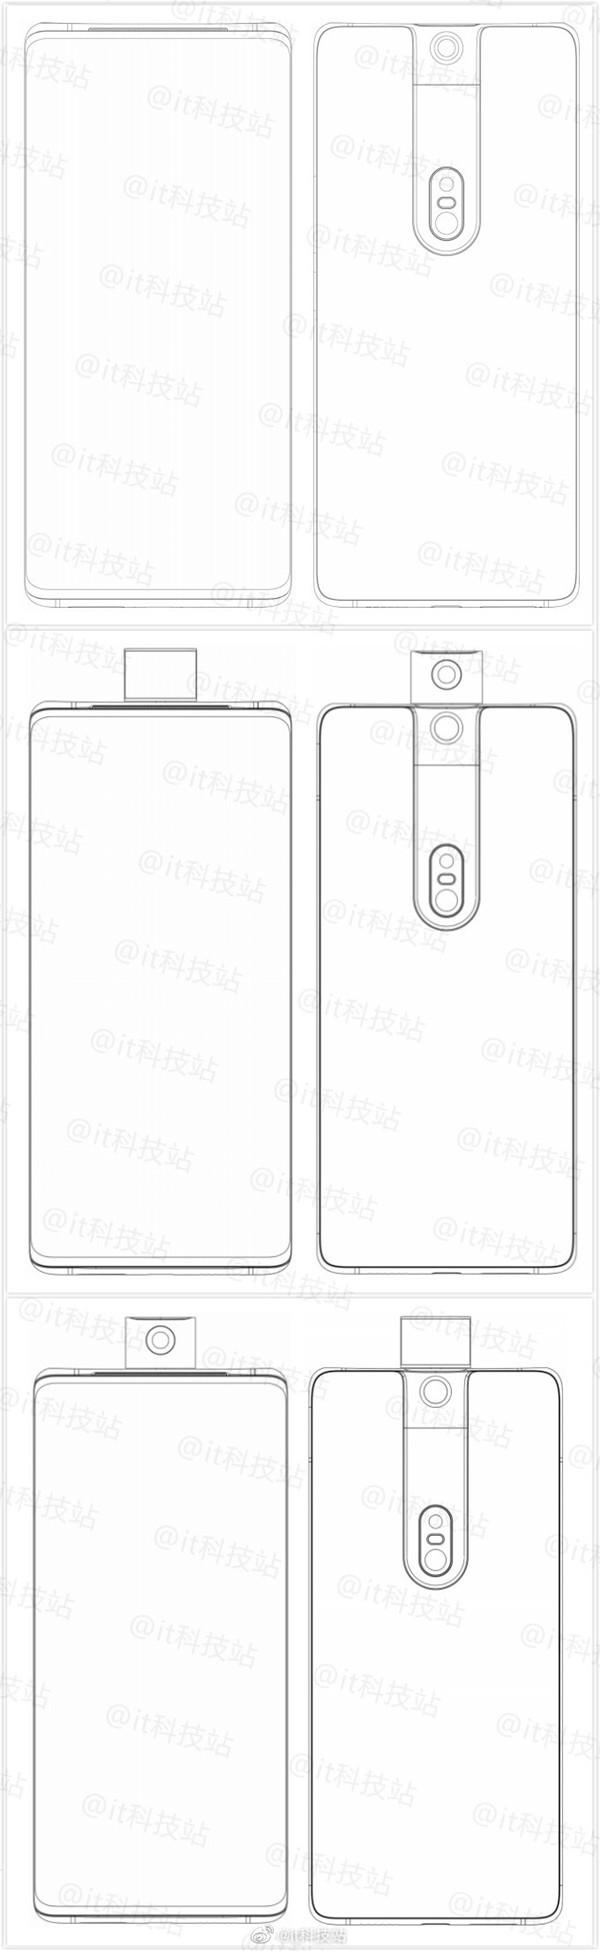 vivo新手机外观专利曝光 翻转式镜头+曲面全面屏设计